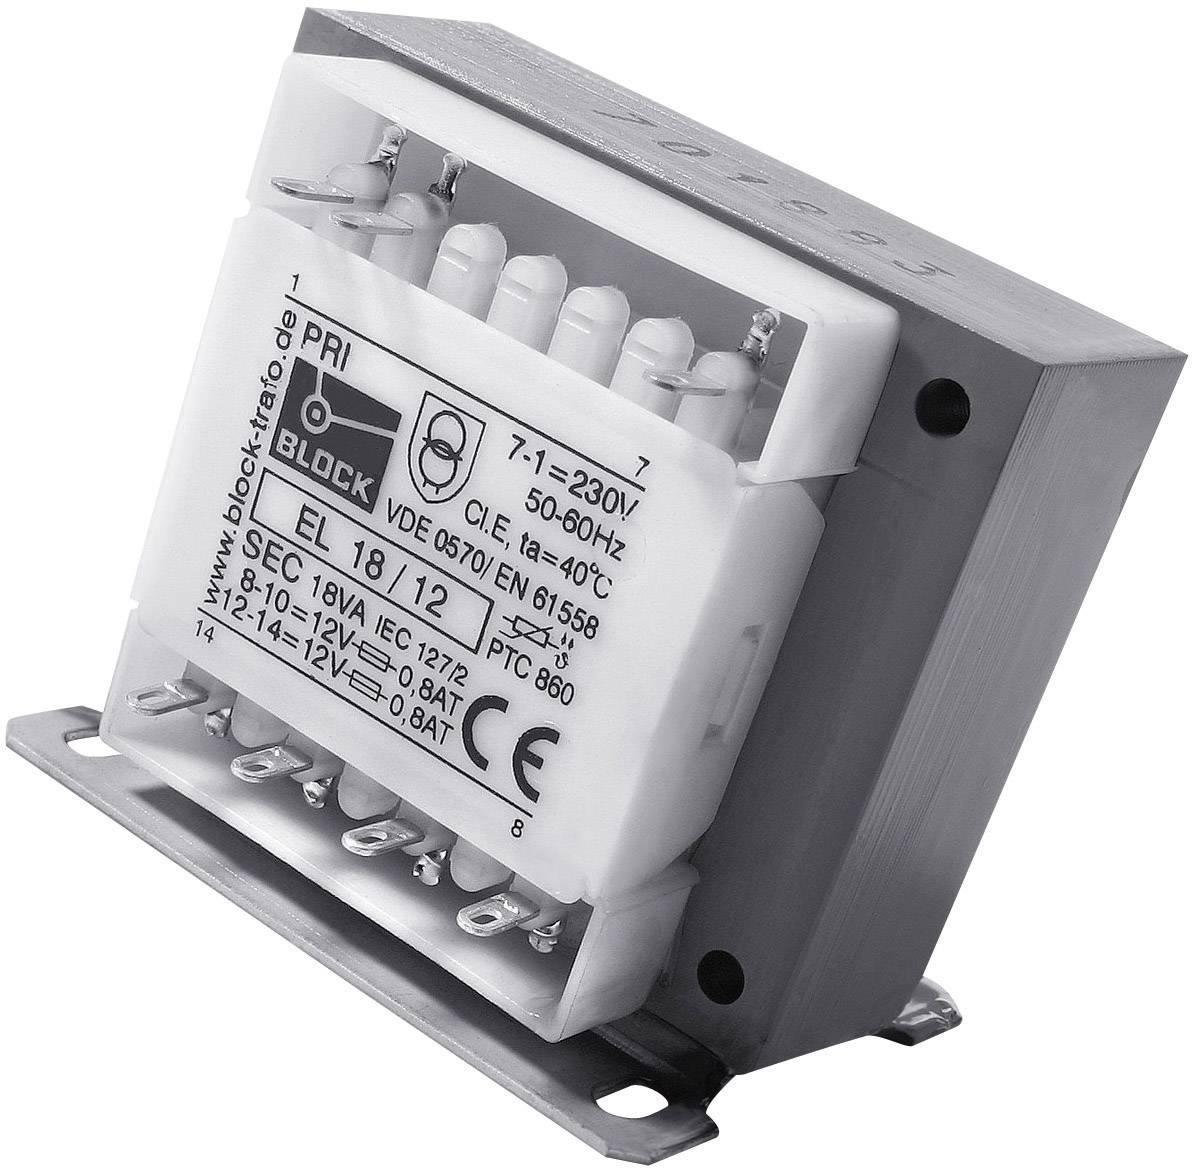 Bezpečnostní transformátor Block EL 50/9, 2x 9 V, 50 VA